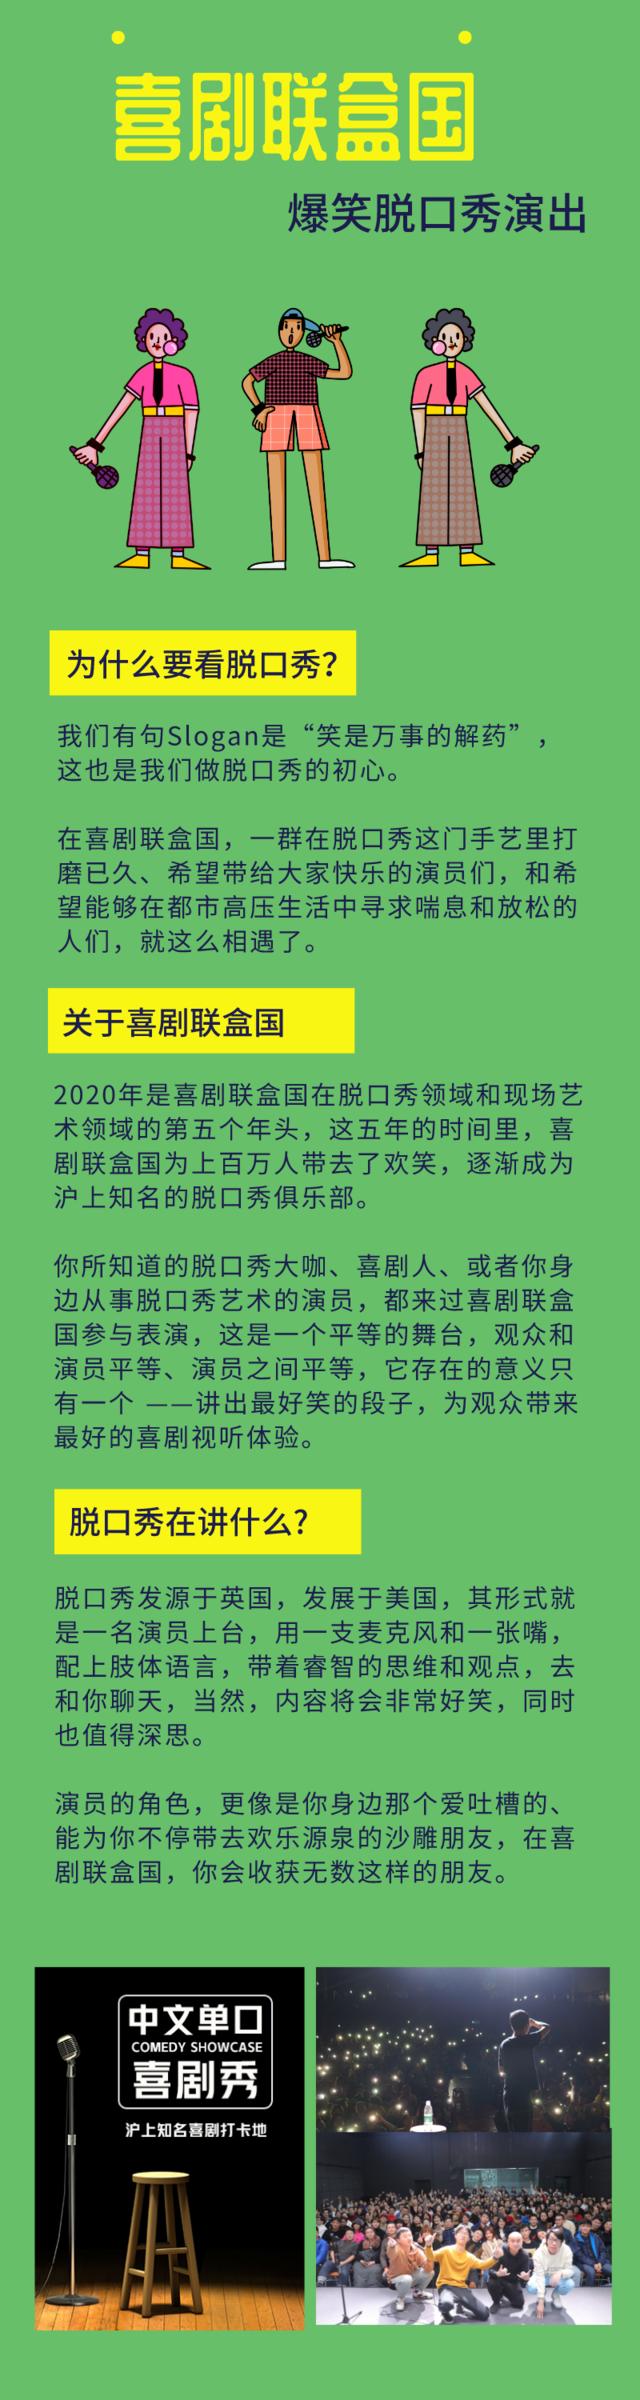 【上海站】《笑动大世界》爆笑脱口秀演出——喜剧联盒国